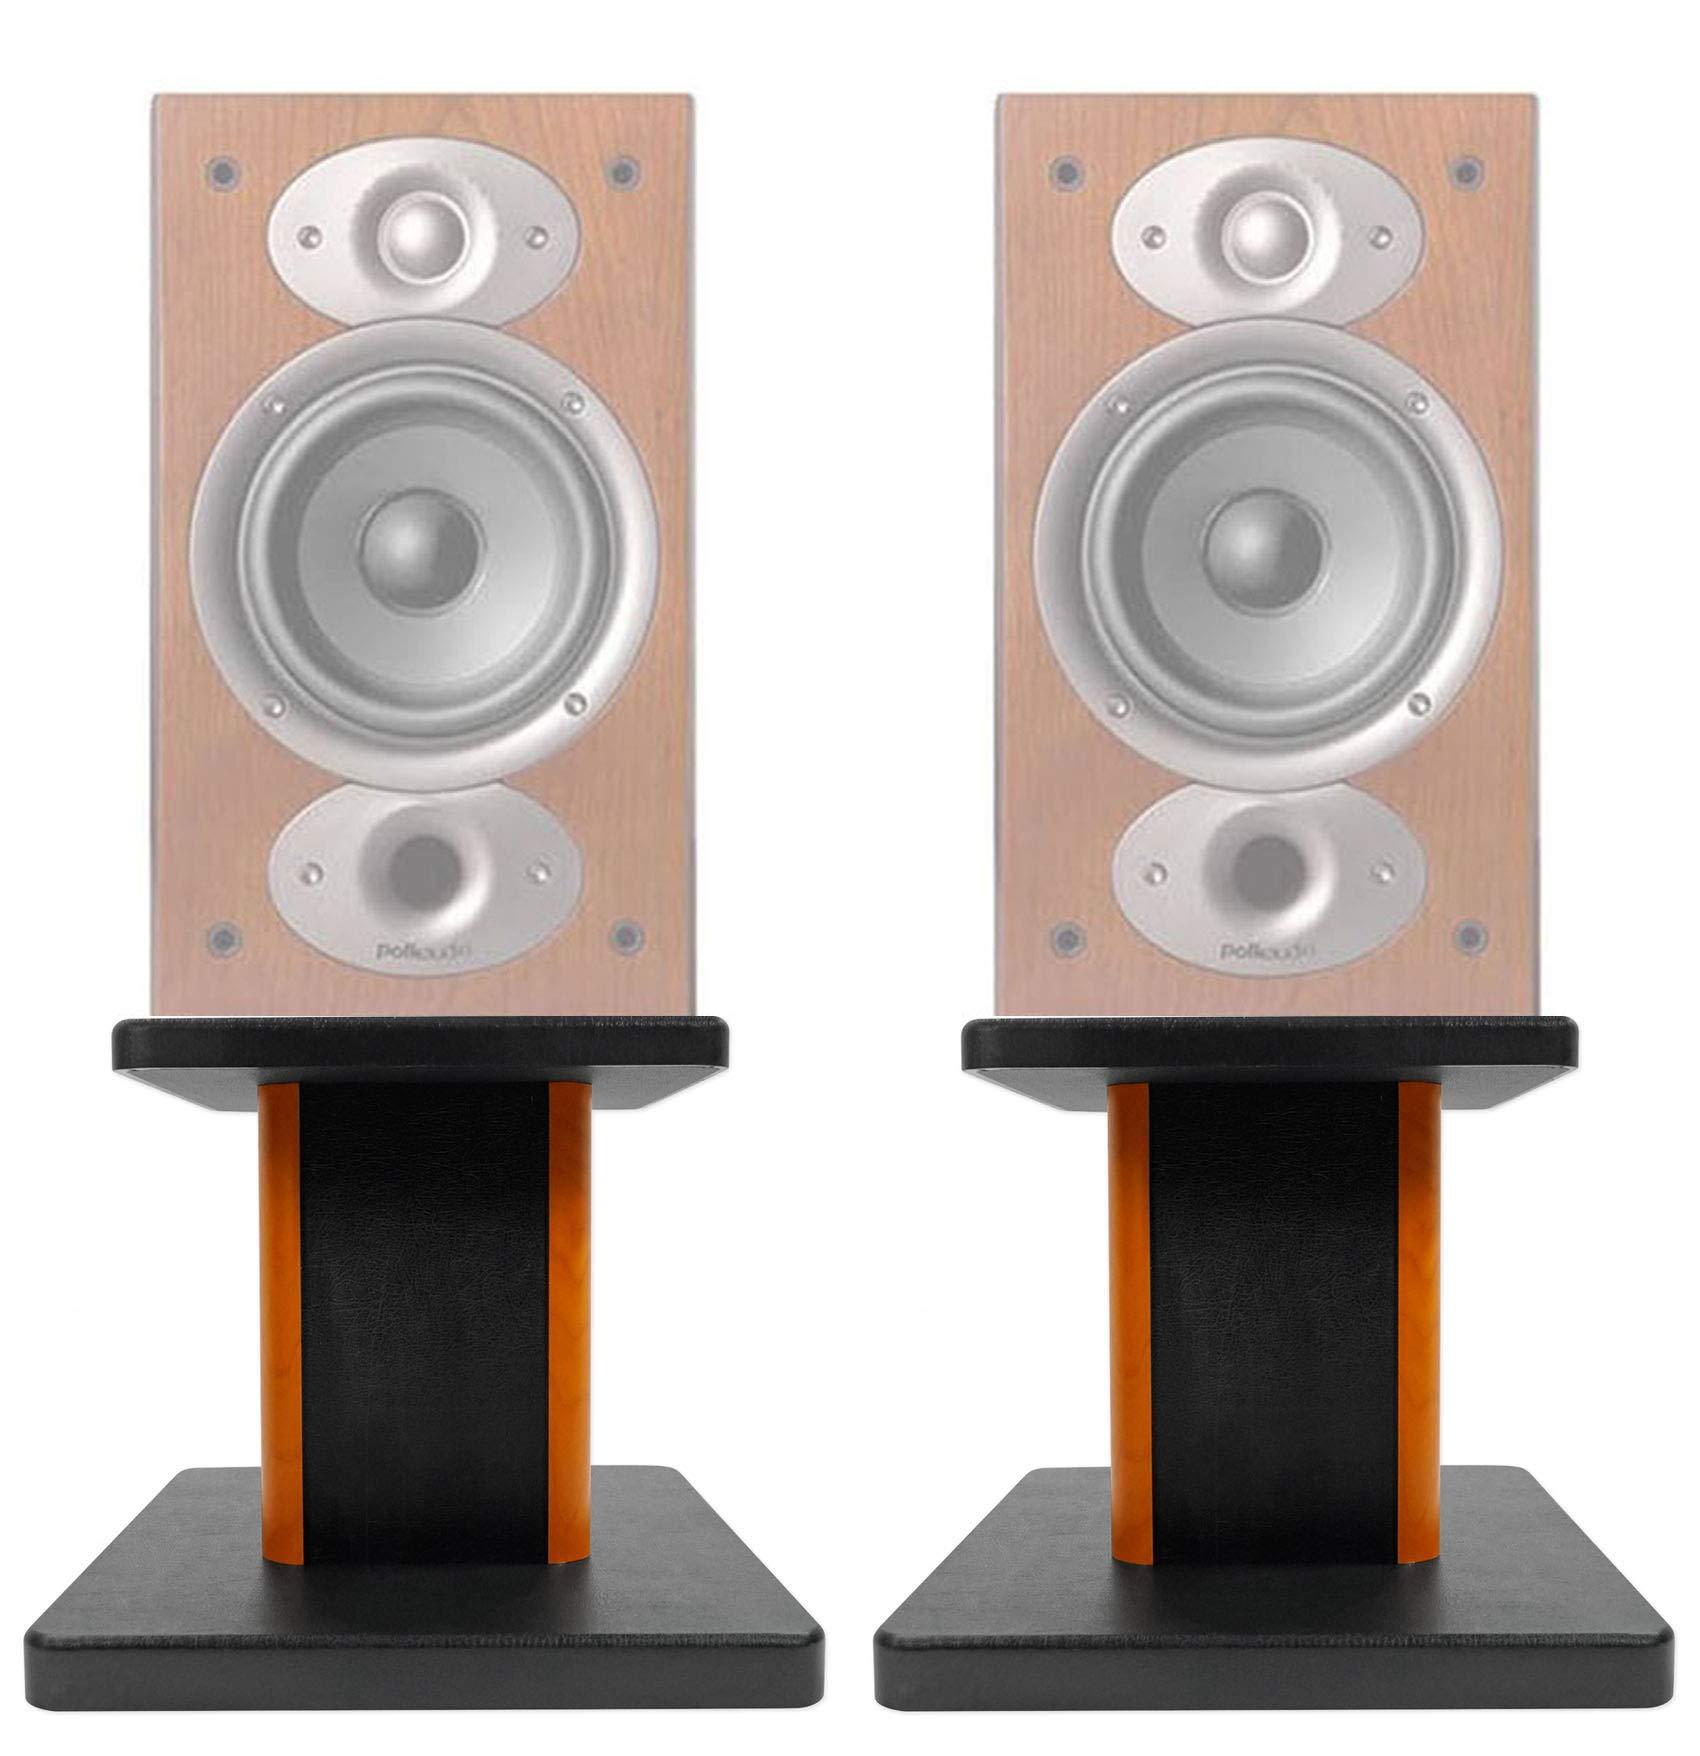 ROCKVILLE (2) 8'' Wood Bookshelf Speaker Stands for Polk Audio RTI A3 Bookshelf Speakers by ROCKVILLE